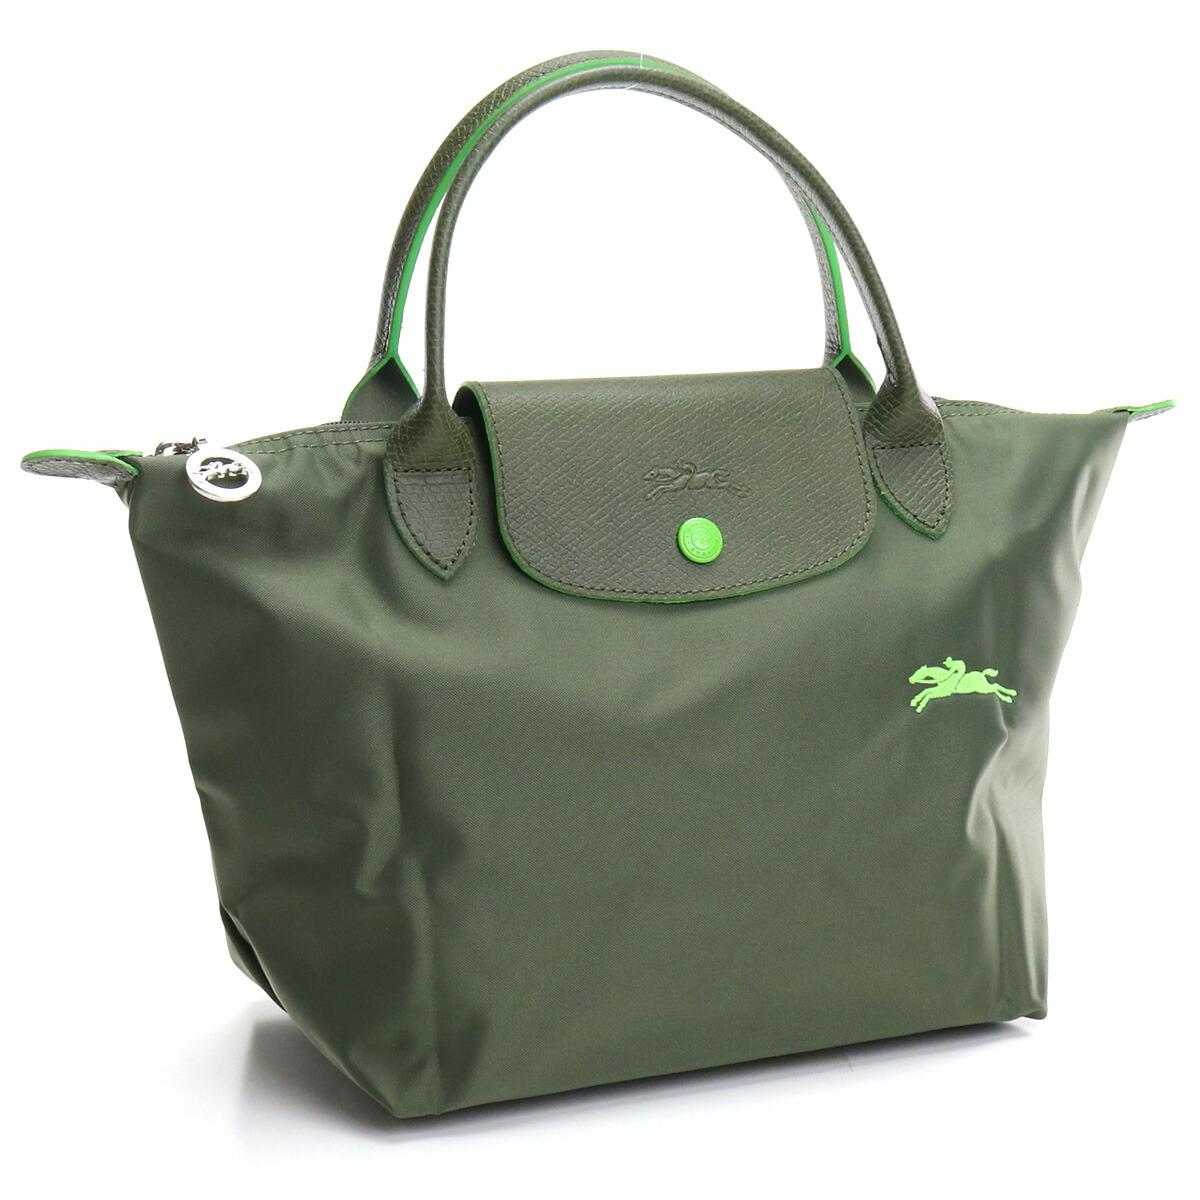 ロンシャン LONGCHAMP PLIAGE ハンドバッグ ブランドバッグ 1621 619 549 ル プリアージュ クラブ LE PLIAGE CLUB グリーン系 bag-01